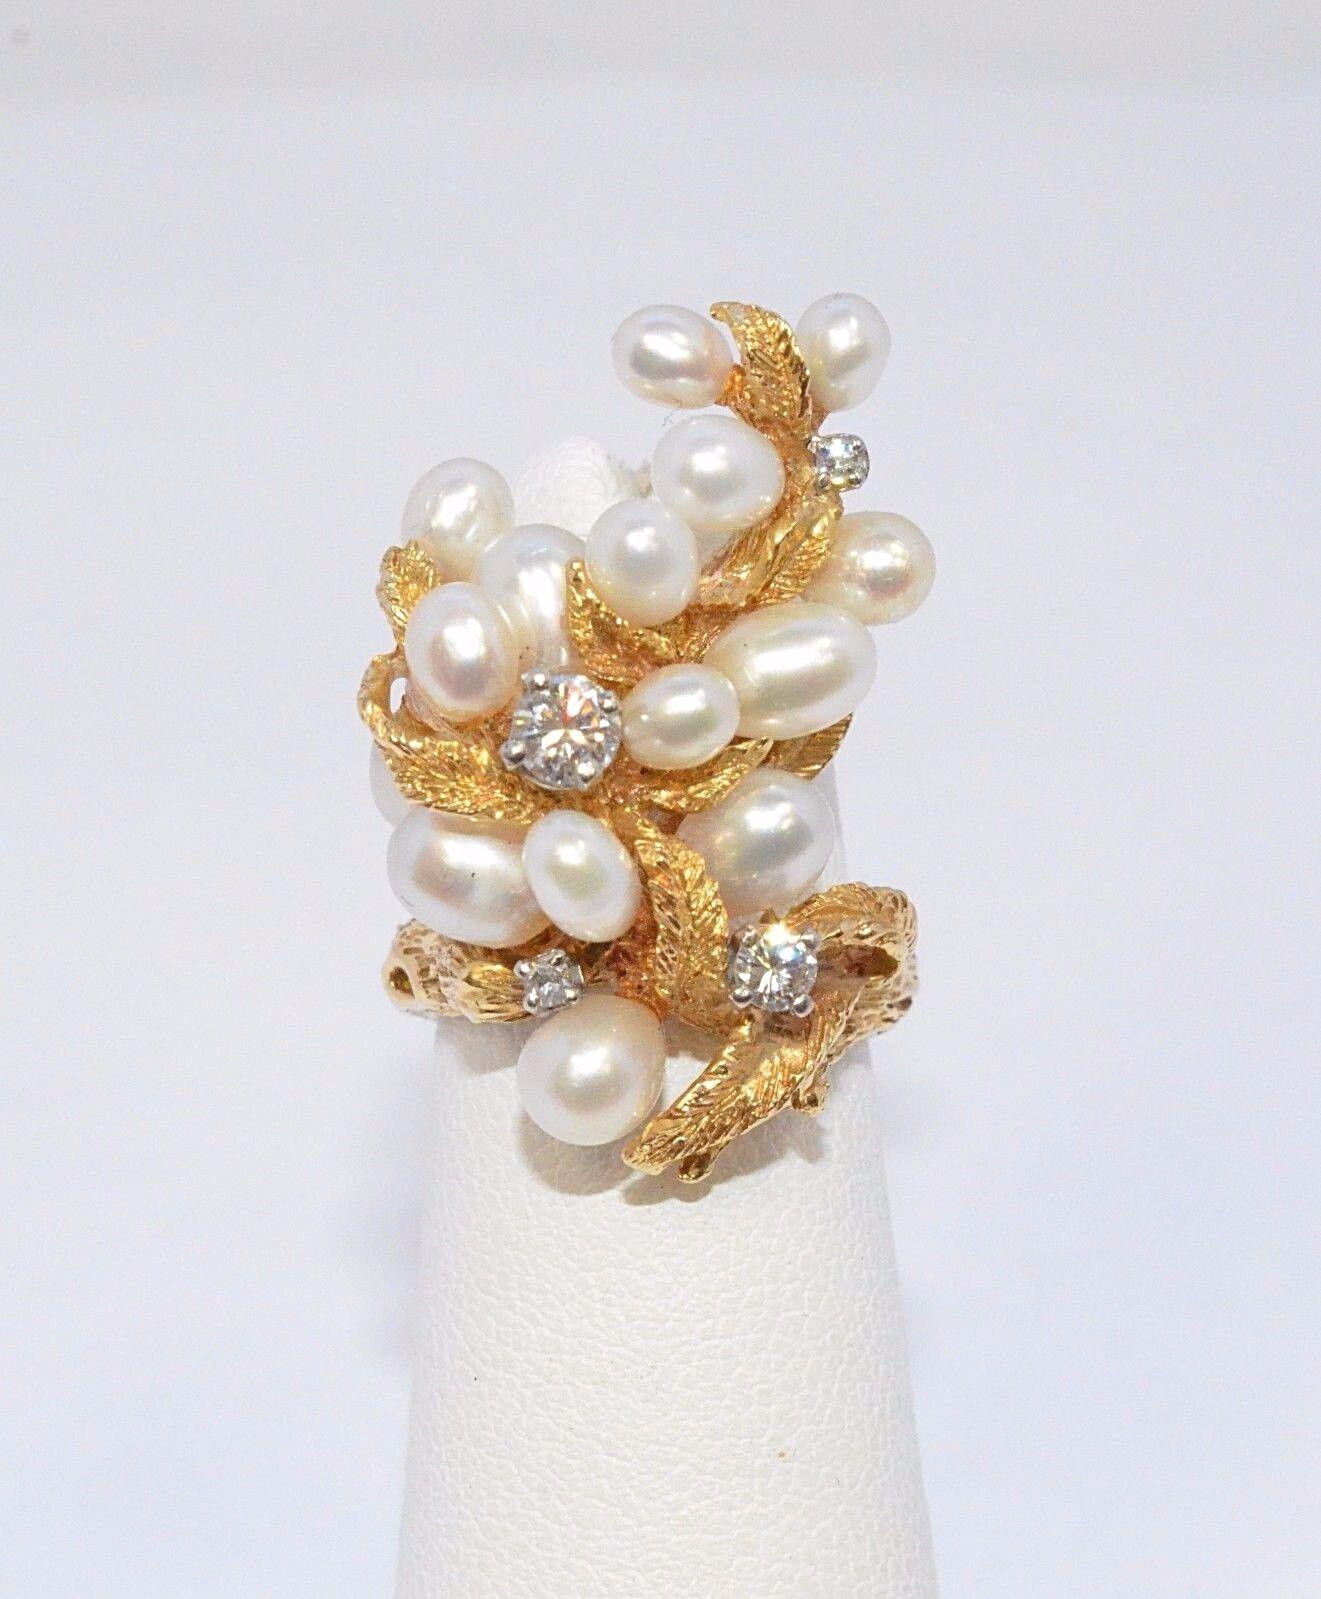 2586-14K YELLOW gold WHITE PEARL & DIAMOND RING APPROX 0.25TCW 9.81GRAMS SZ 3.5